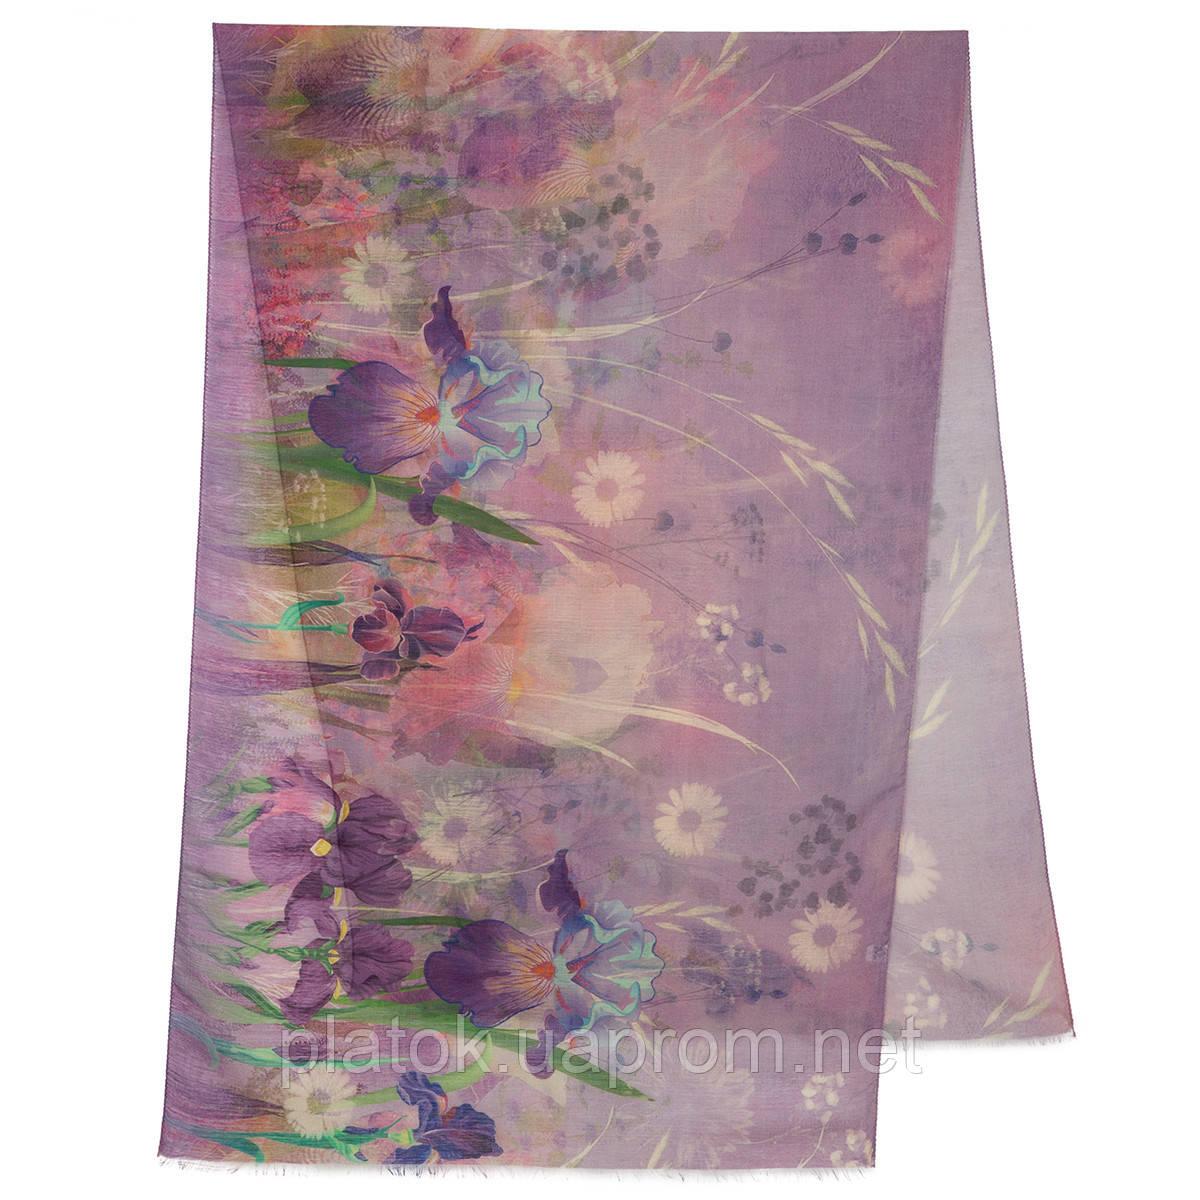 Палантин шерстяной 10756-15, павлопосадский шарф-палантин шерстяной (разреженная шерсть) с осыпкой